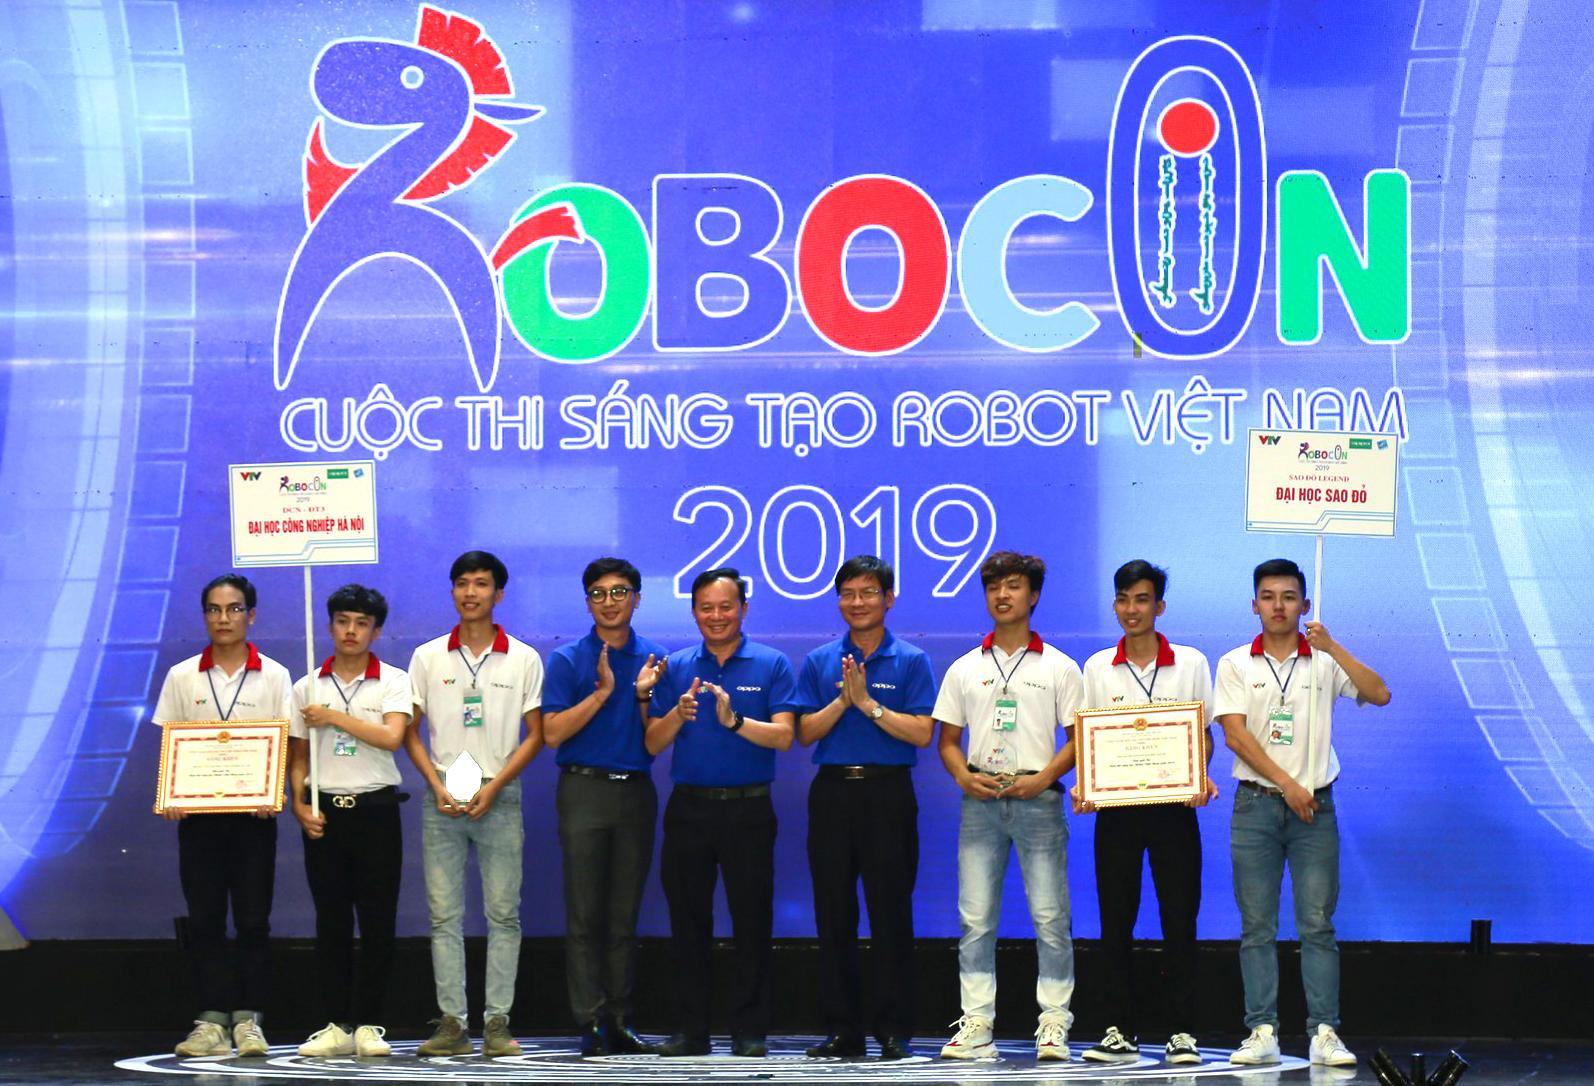 Đại học Công nghiệp Hà Nội giành giải `Đội có ý tưởng sáng tạo nhất` và giải Ba Cuộc thi Sáng tạo Robot Việt Nam 2019